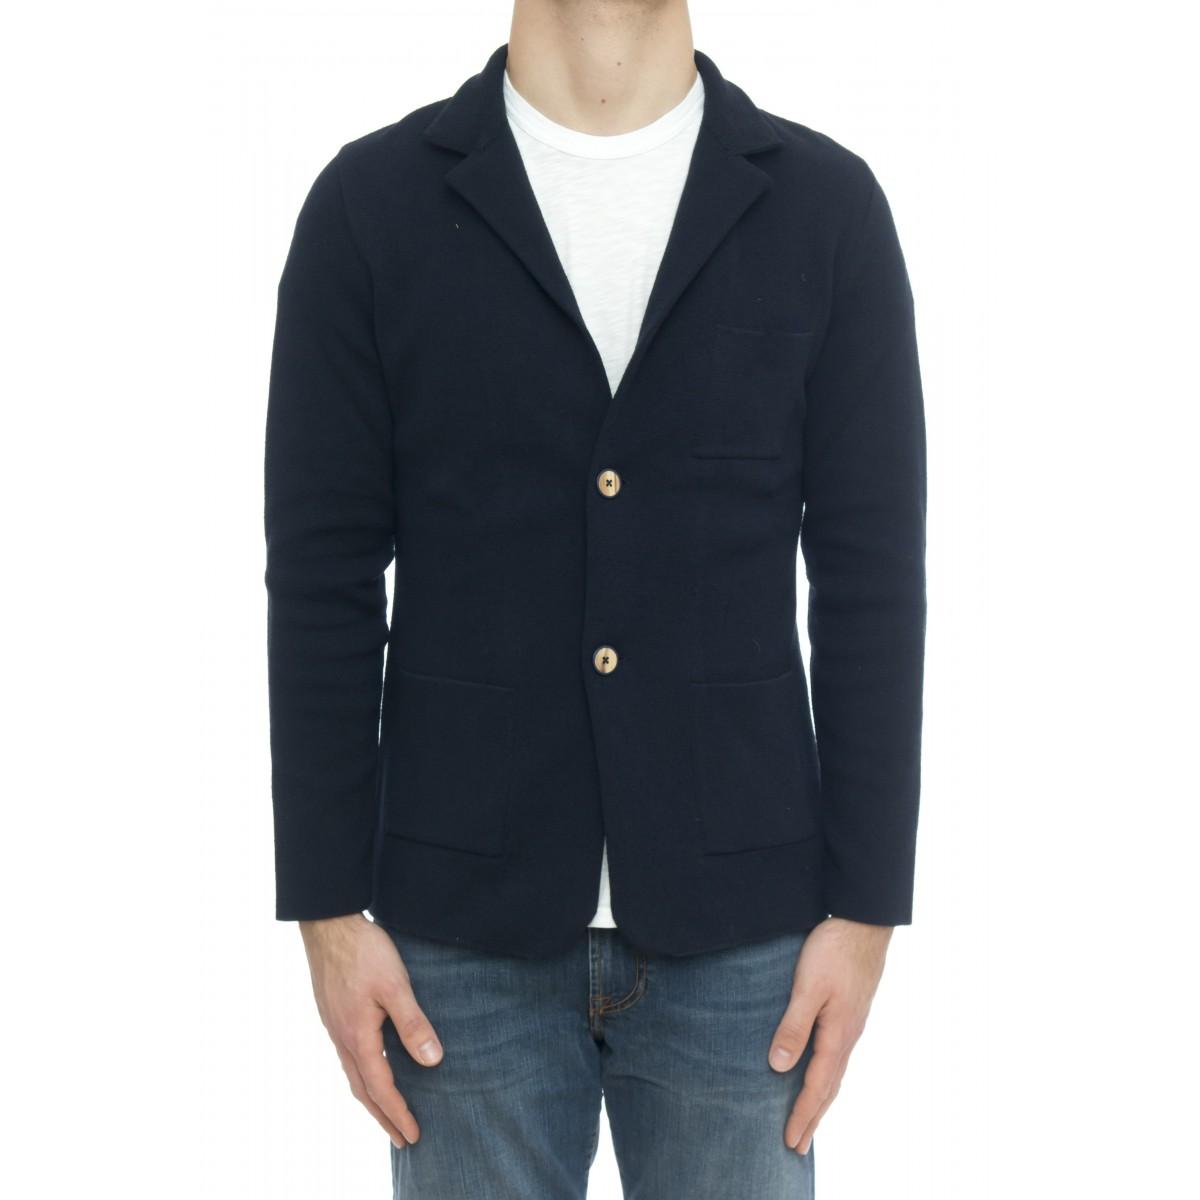 Giacca uomo - 3000 giacca